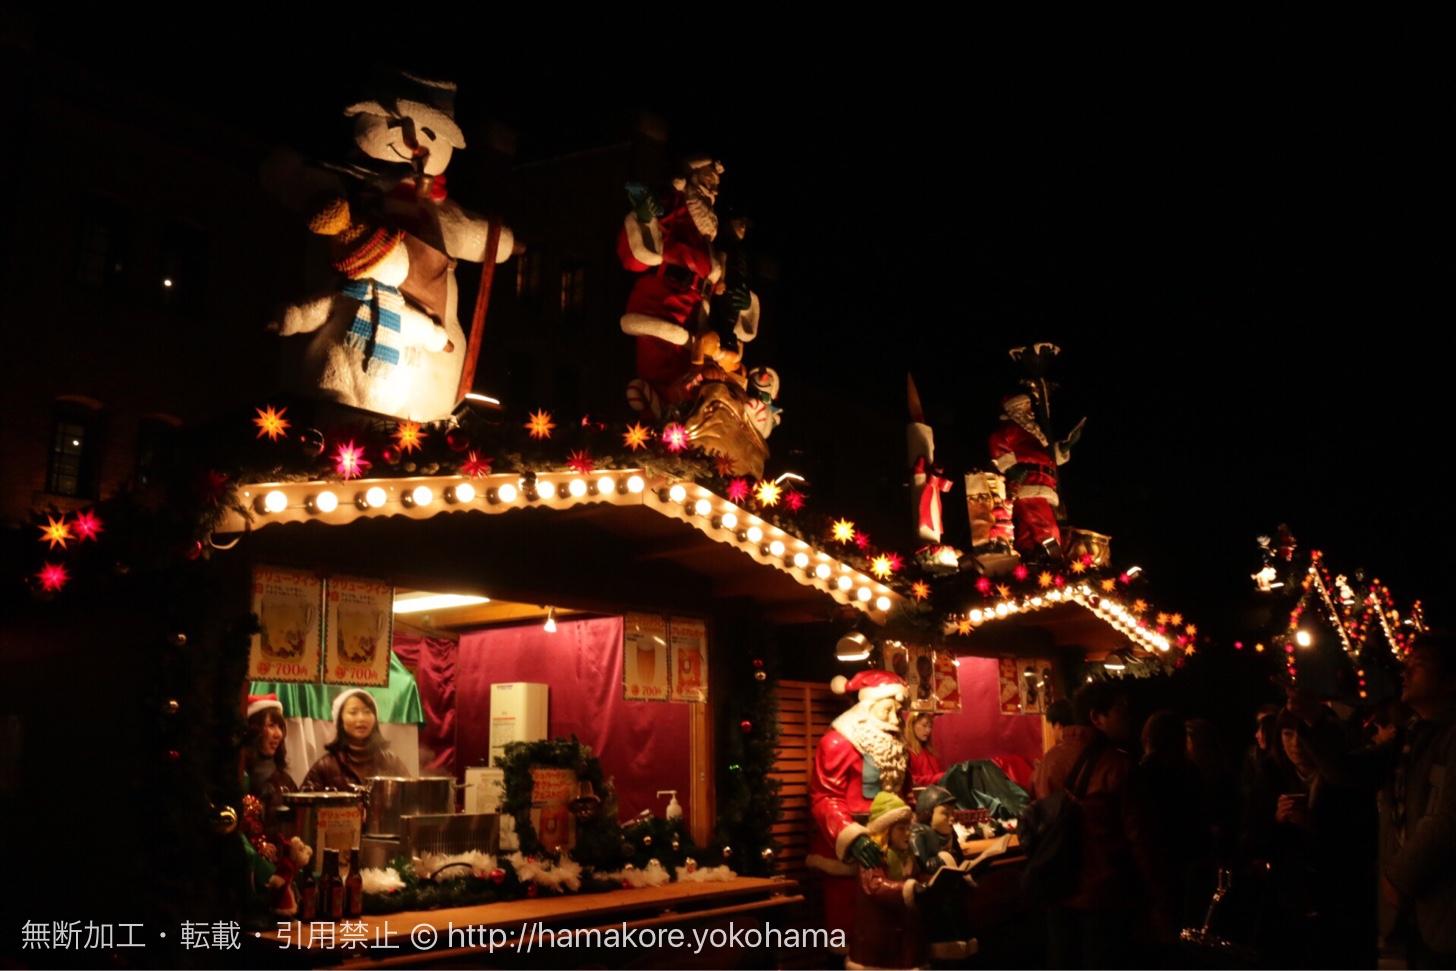 クリスマスマーケット 横浜赤レンガ倉庫